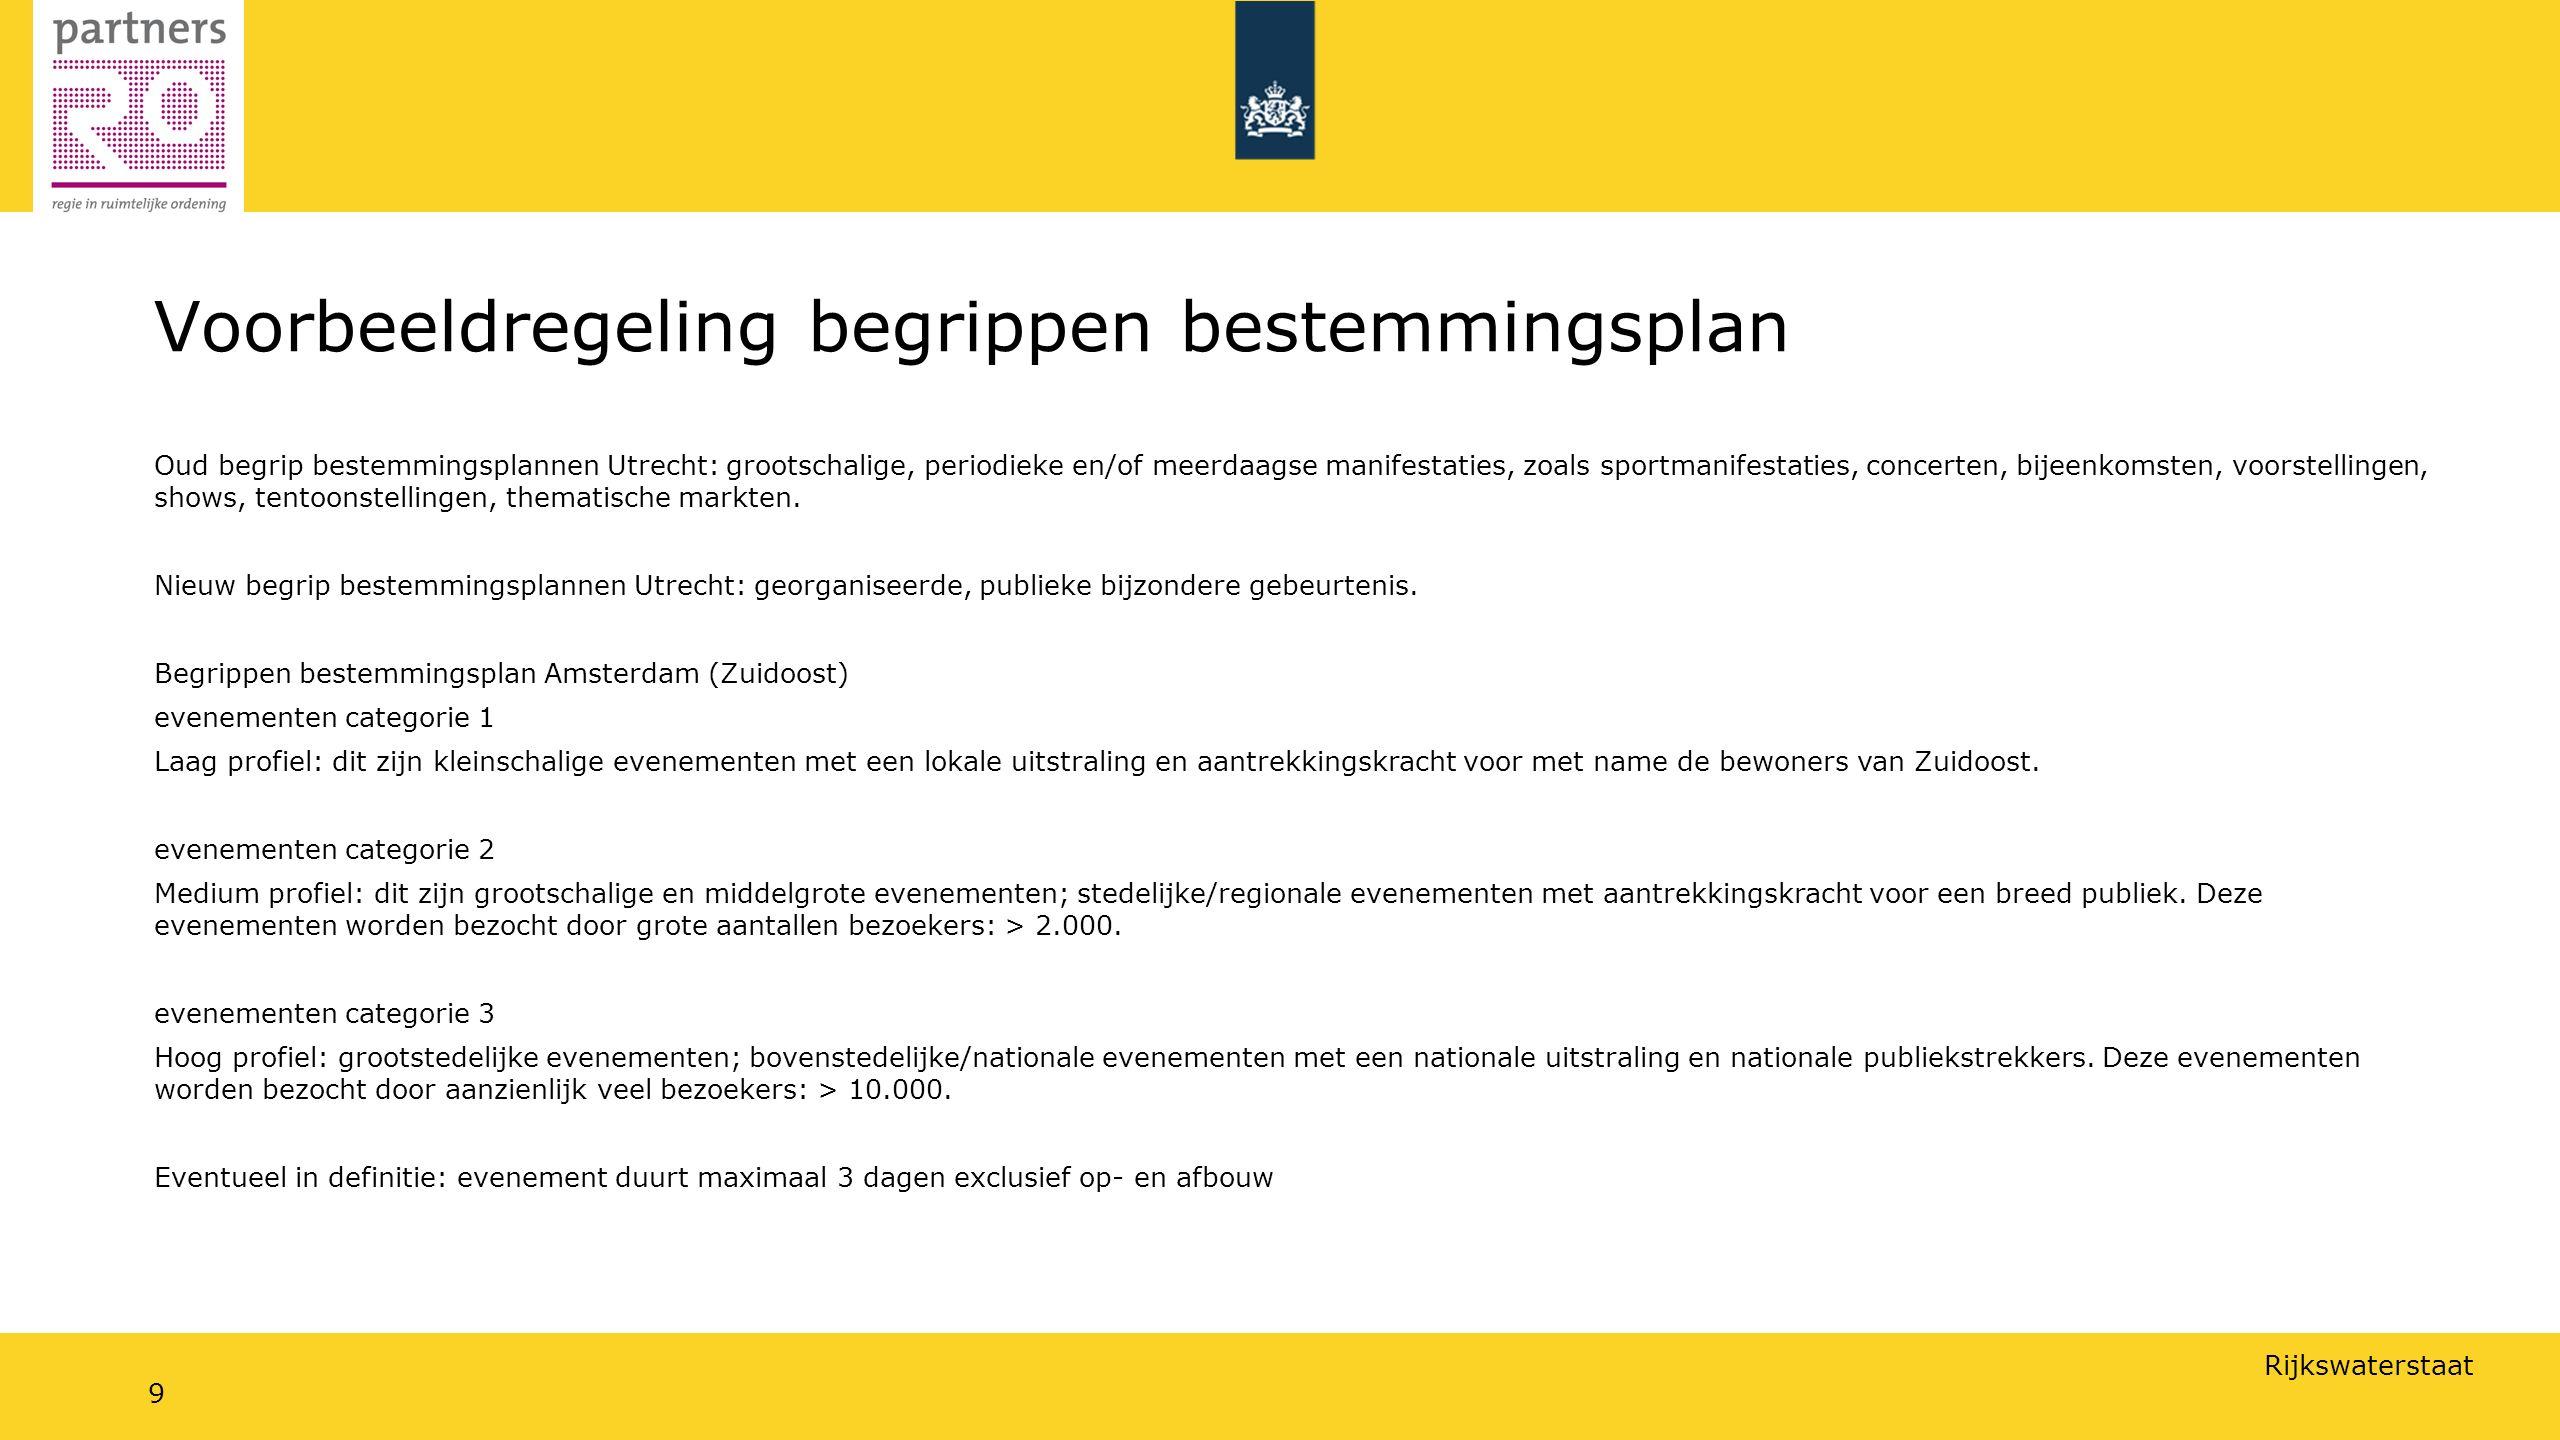 Rijkswaterstaat 9 Voorbeeldregeling begrippen bestemmingsplan Oud begrip bestemmingsplannen Utrecht: grootschalige, periodieke en/of meerdaagse manifestaties, zoals sportmanifestaties, concerten, bijeenkomsten, voorstellingen, shows, tentoonstellingen, thematische markten.